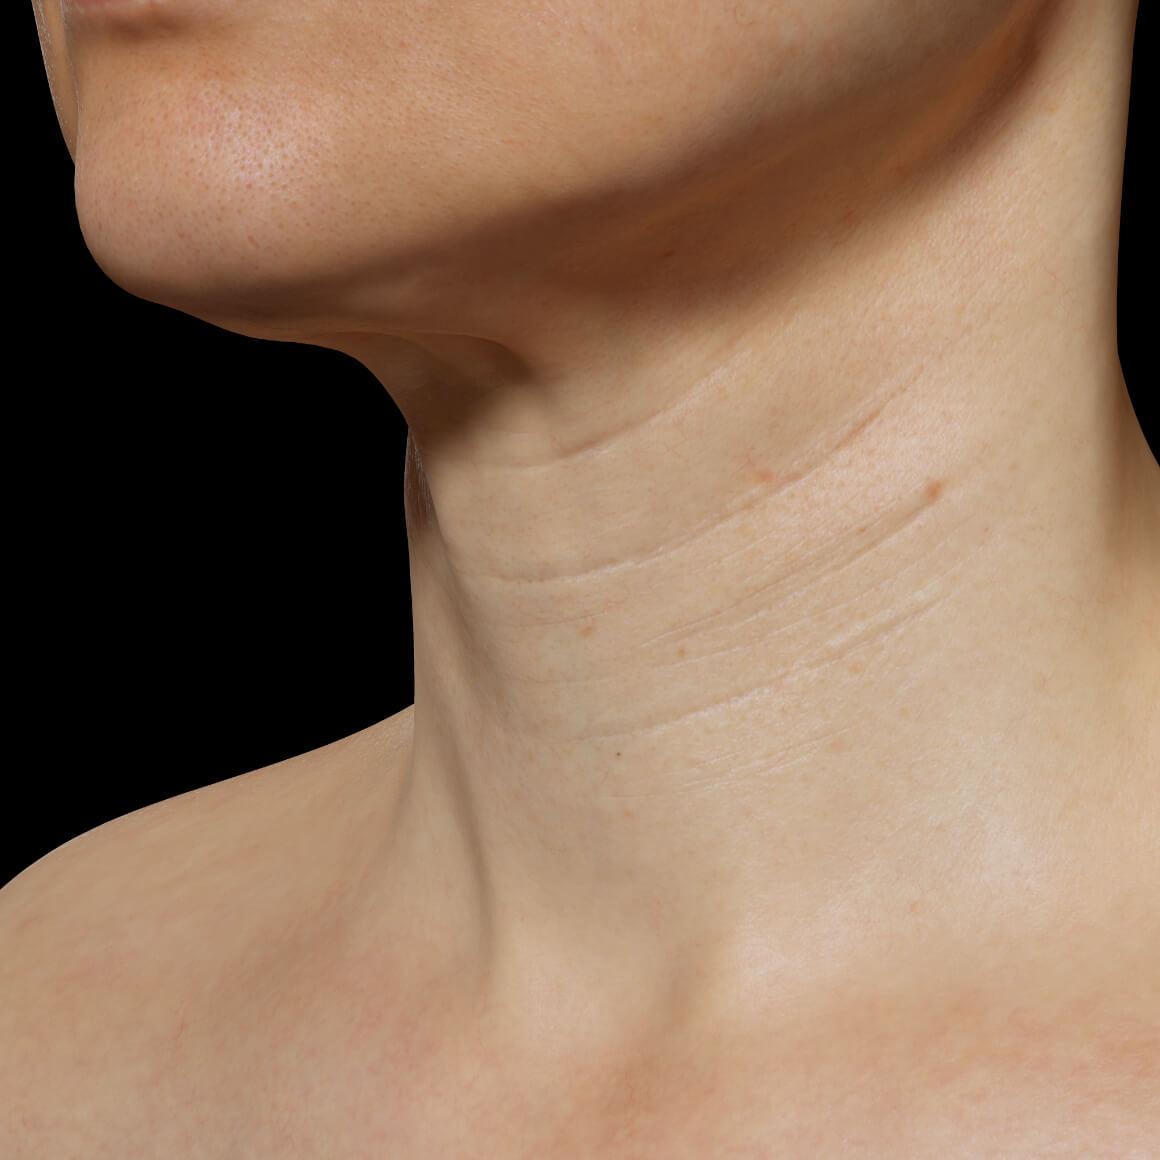 Une patiente de la Clinique Chloé positionnée en angle montrant une région du cou ayant des rides